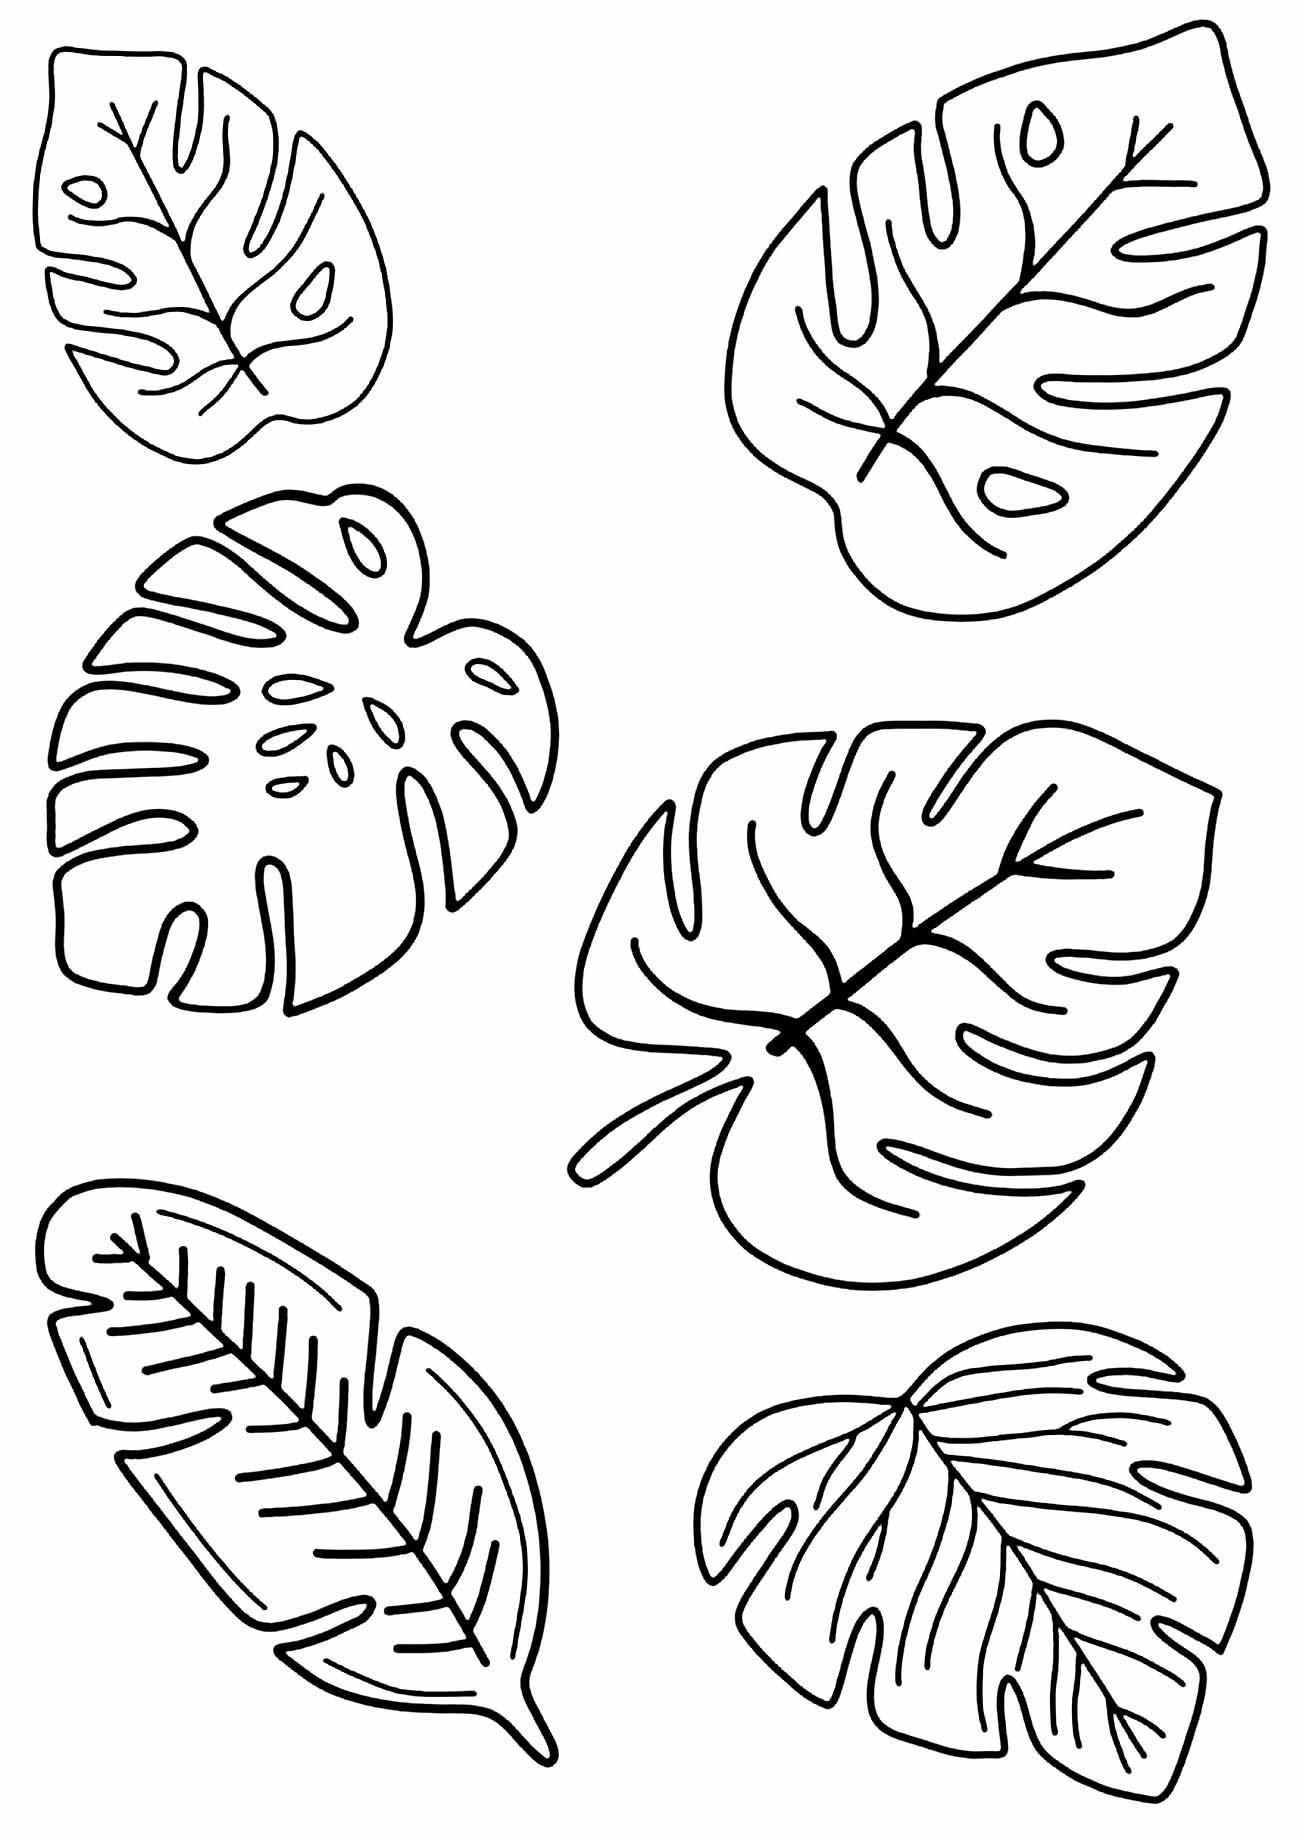 Moldes de folhas para enfeites - Costela de Adão